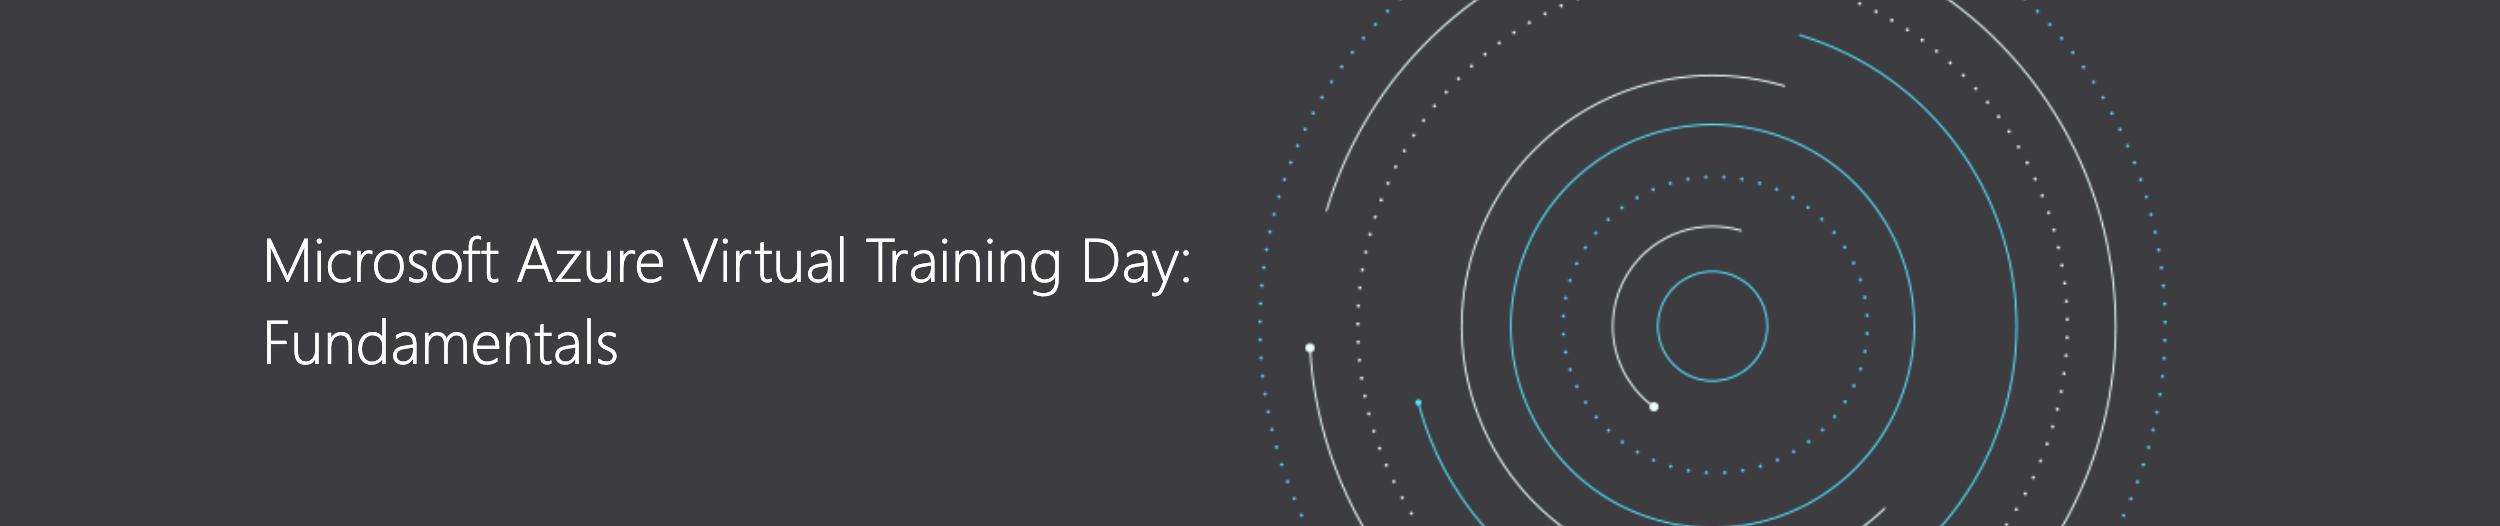 Microsoft Azure Virtual Training Days Fundamentals  вебинар с конкурсом на бесплатное прохождение сертификации